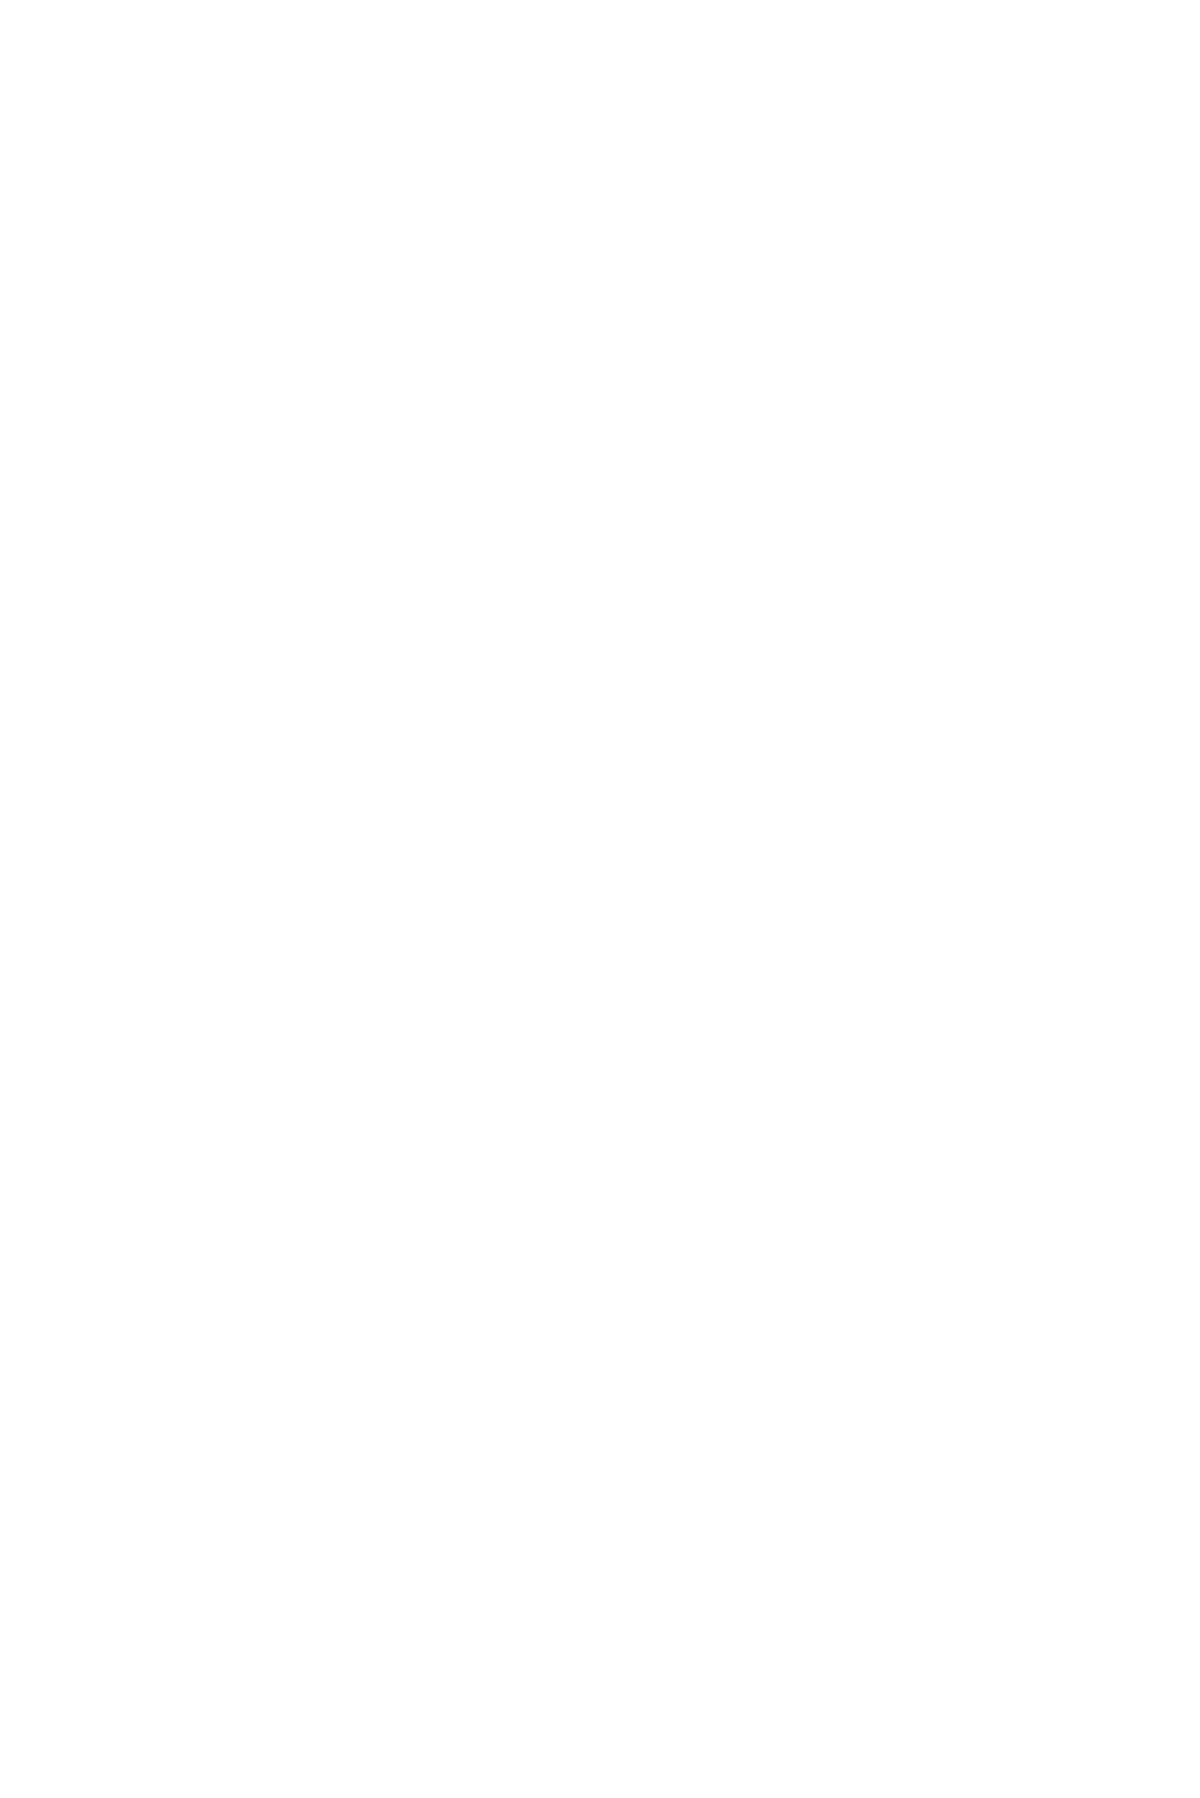 testimonialback